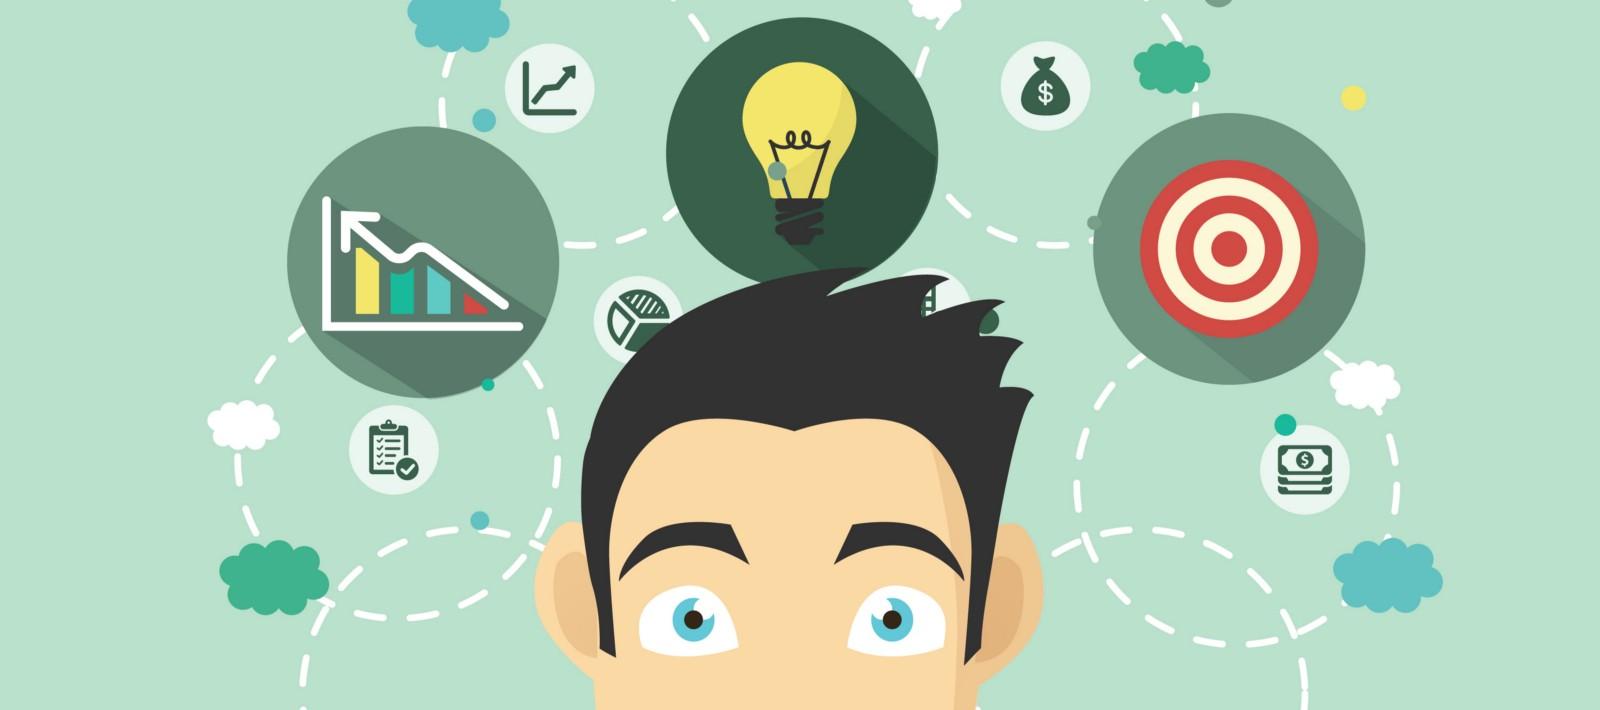 cursos online gratuitos sobre empreendedorismo